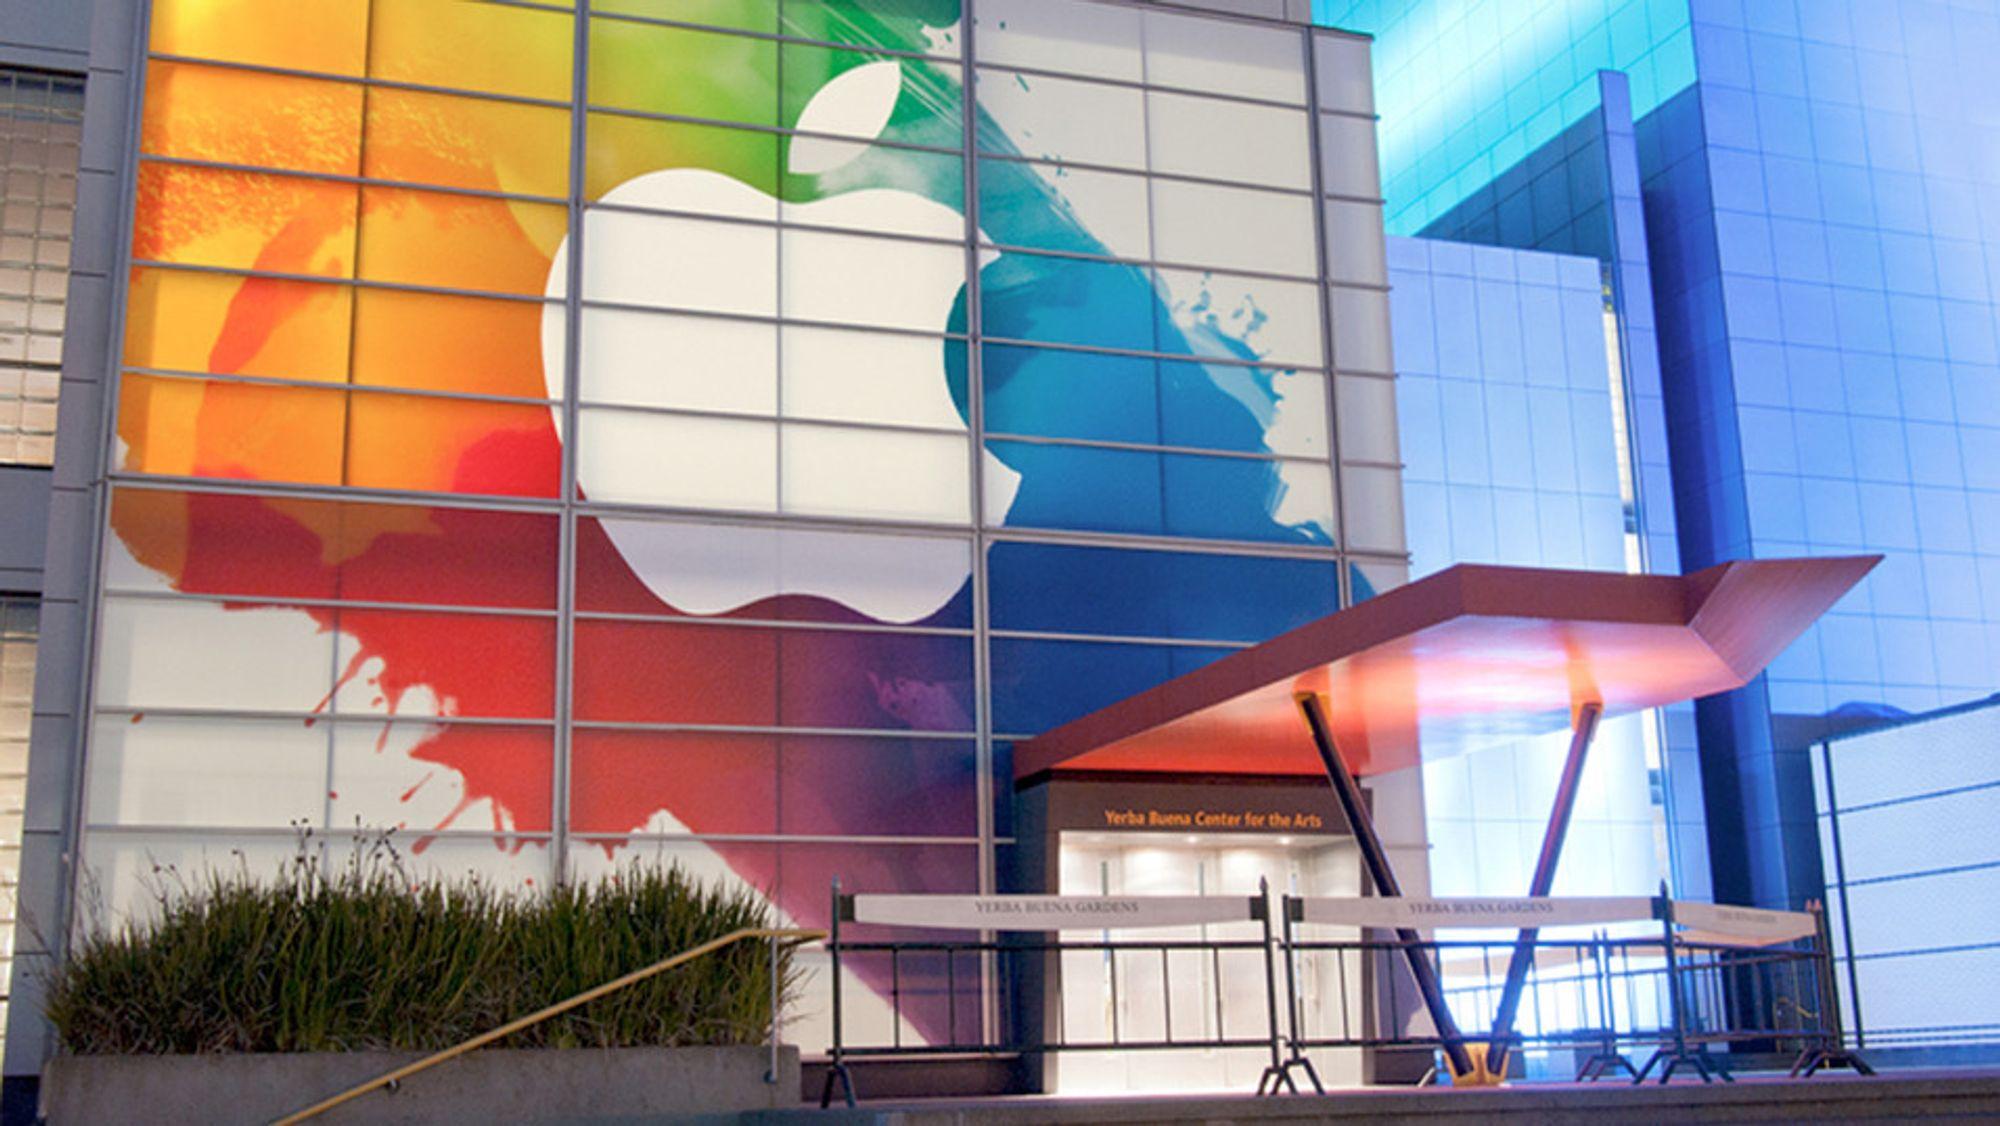 Vi fulgte Apples store lansering